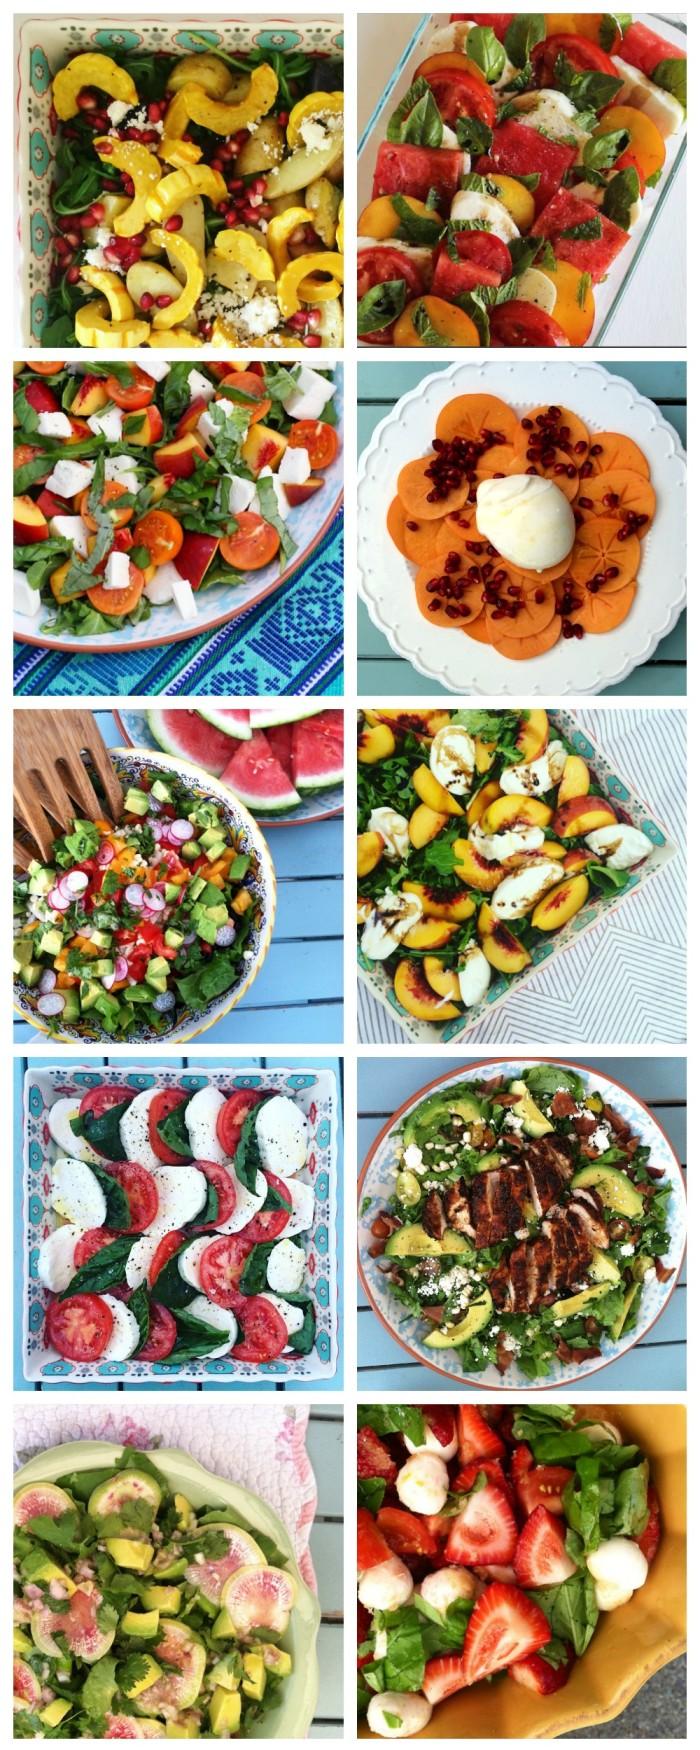 Top 10 Salad Recipes | Rainbow Delicious